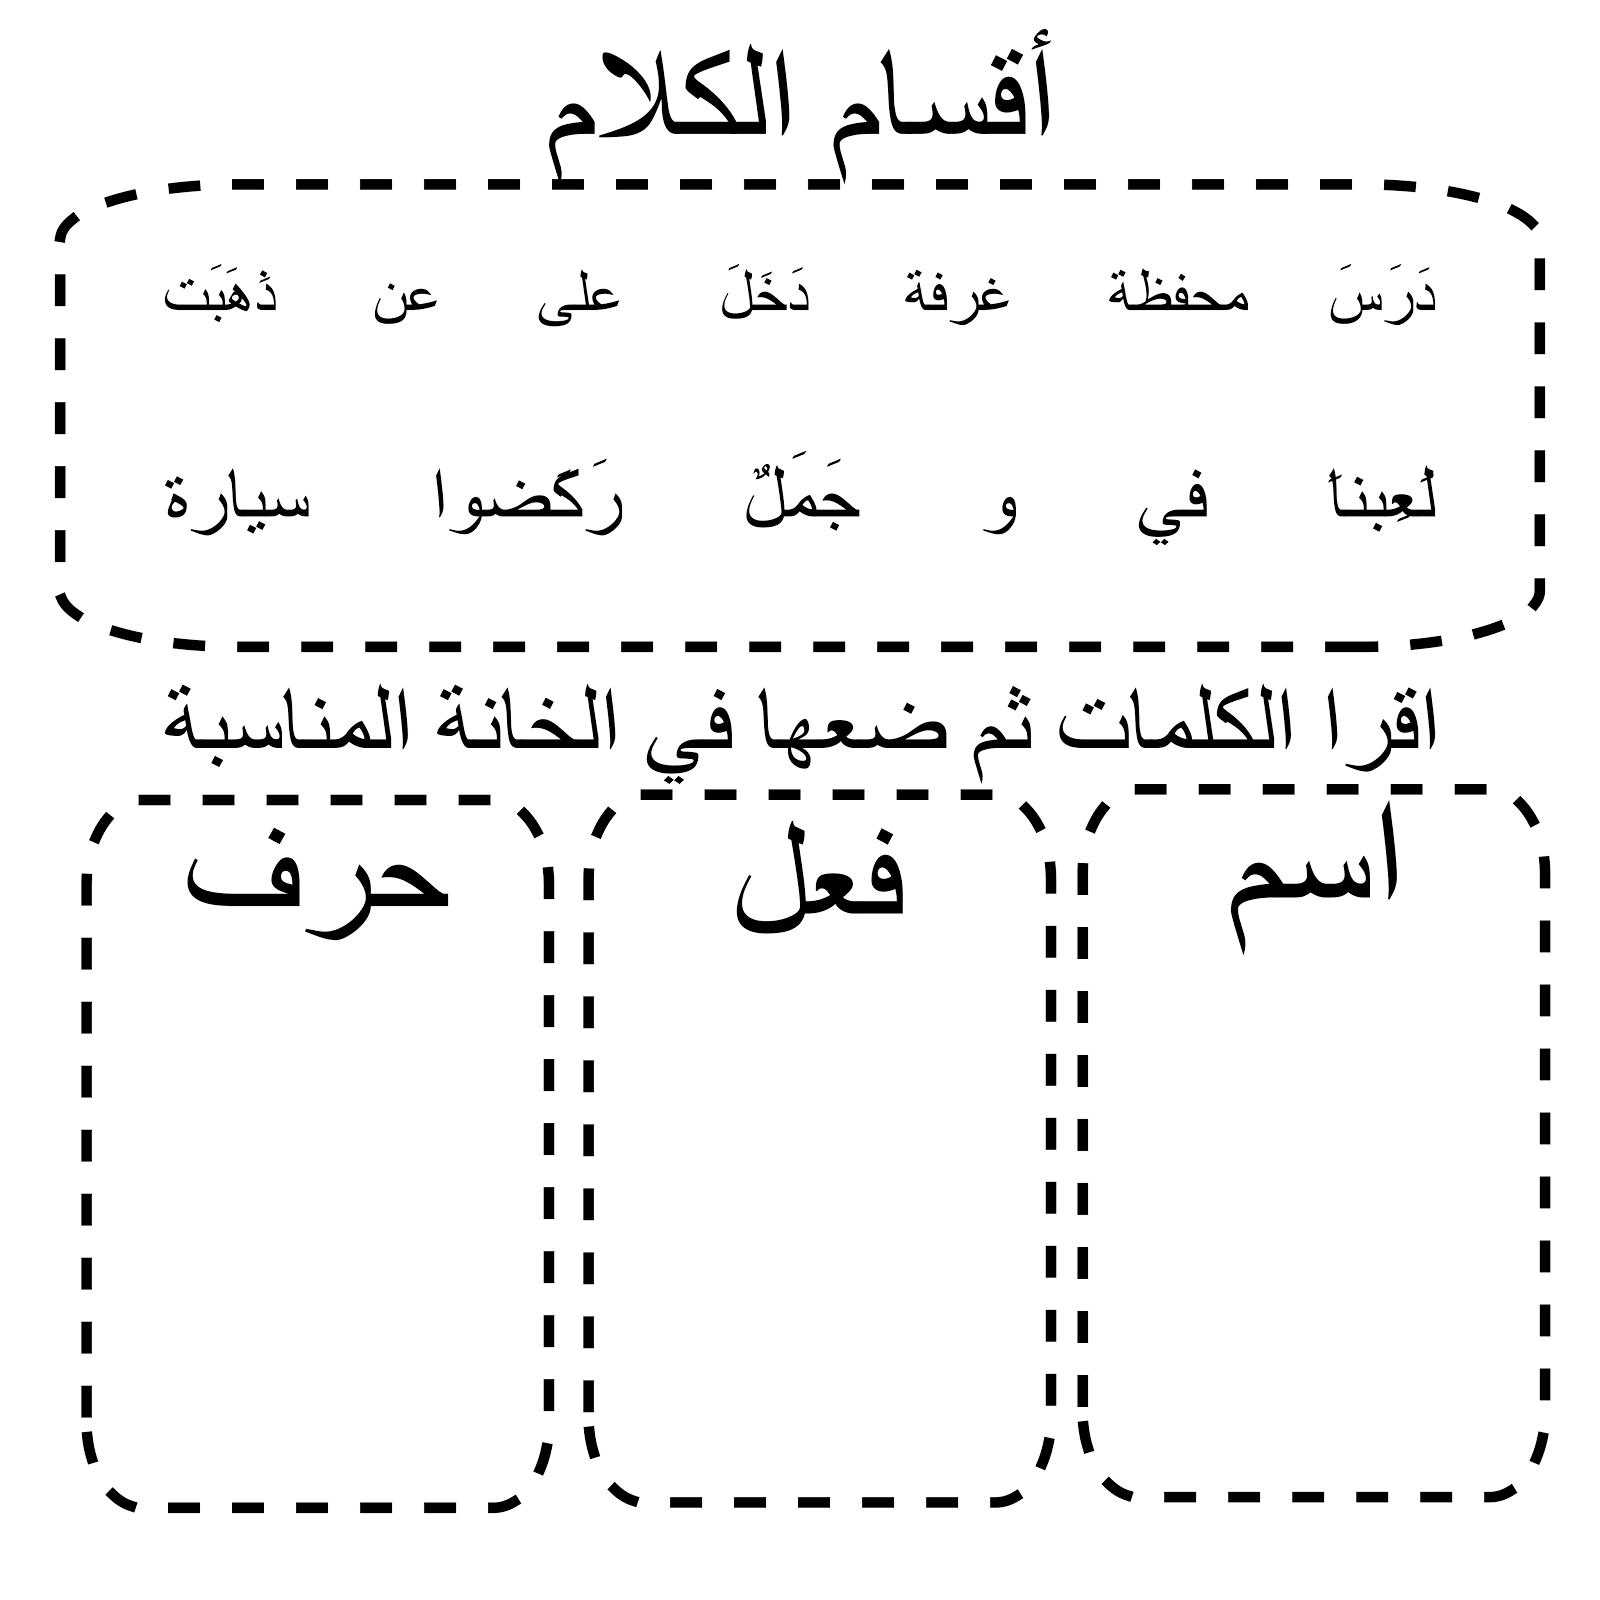 Pin By Bilal On مؤقت Learn Arabic Alphabet Learning Arabic Arabic Alphabet For Kids